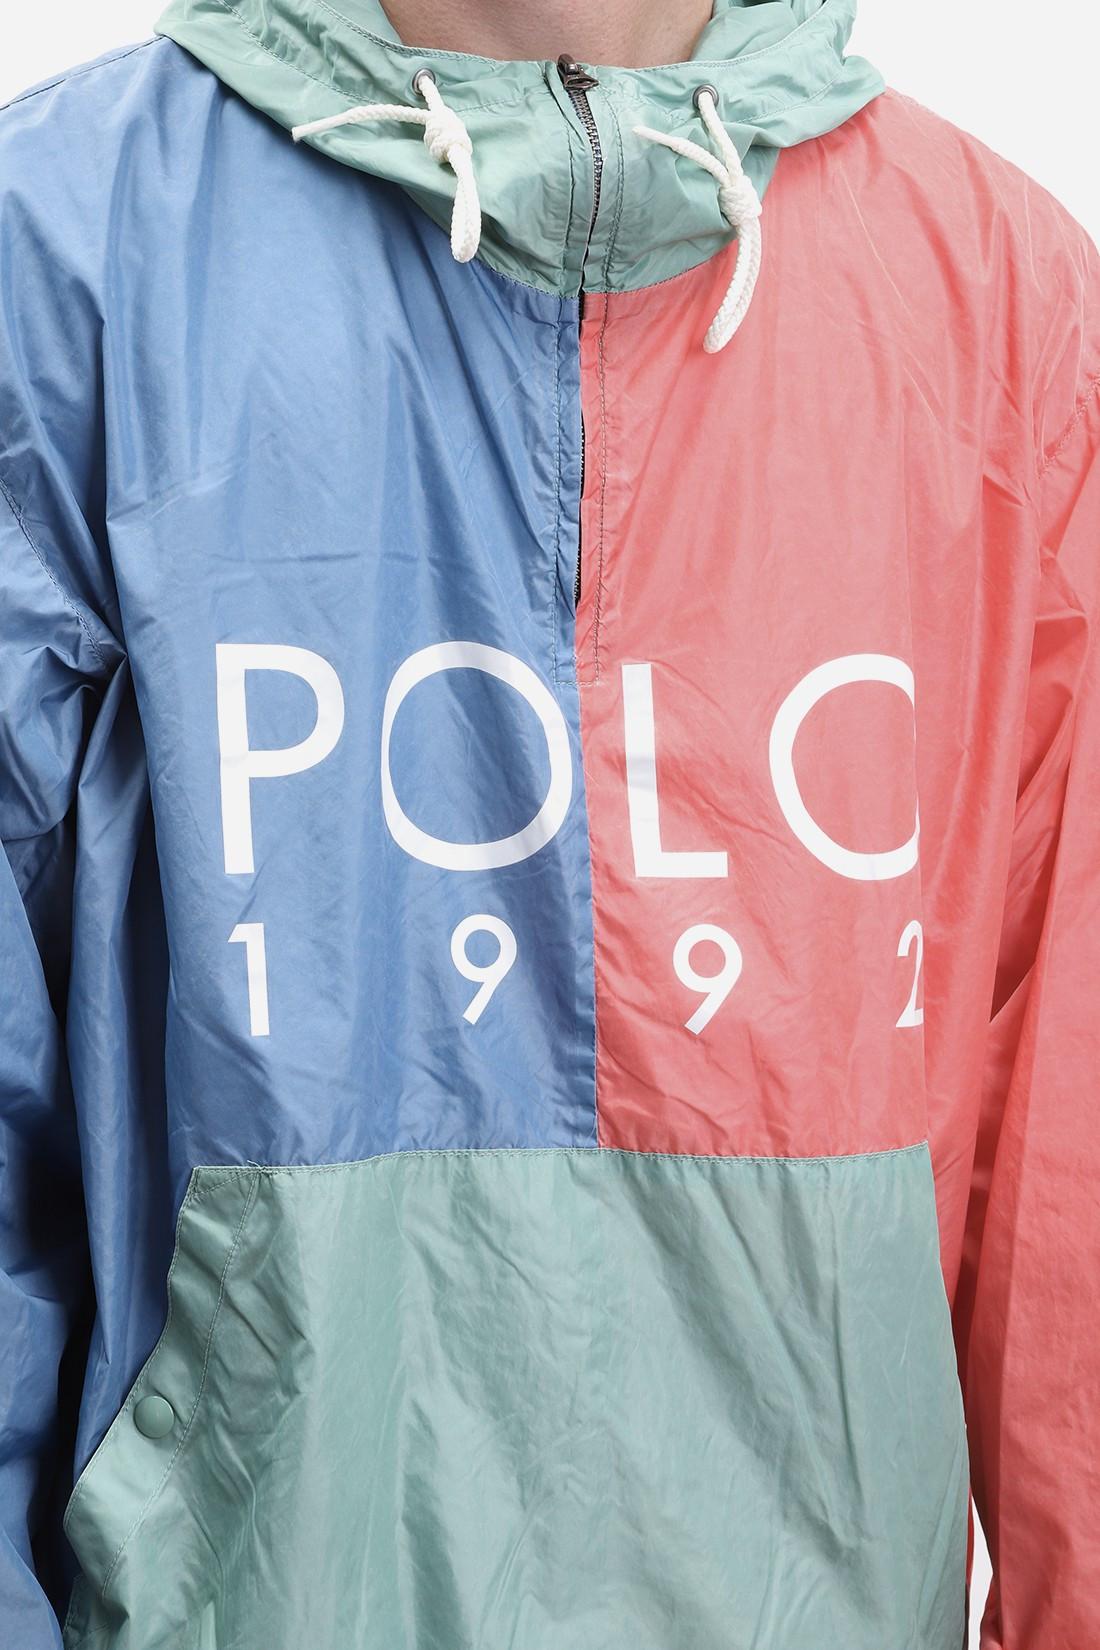 POLO RALPH LAUREN / Hooded popover jkt polo 1992 Multi